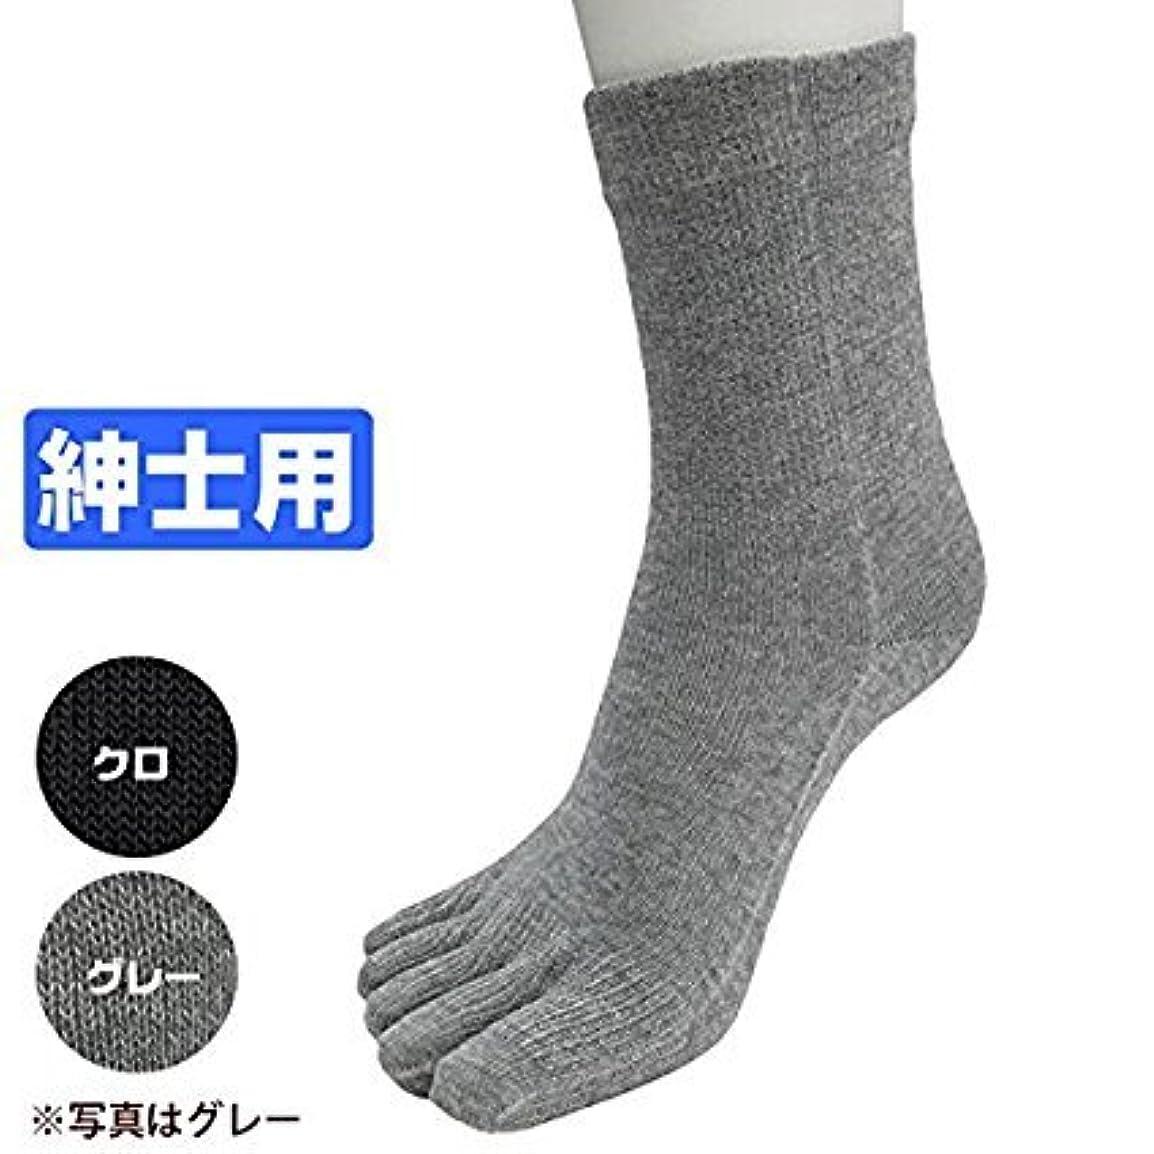 ヘッジロータリー透明にひだまり 5本指ソックス 紳士用 靴下[24~26cm]オールシーズンタイプ (グレー)